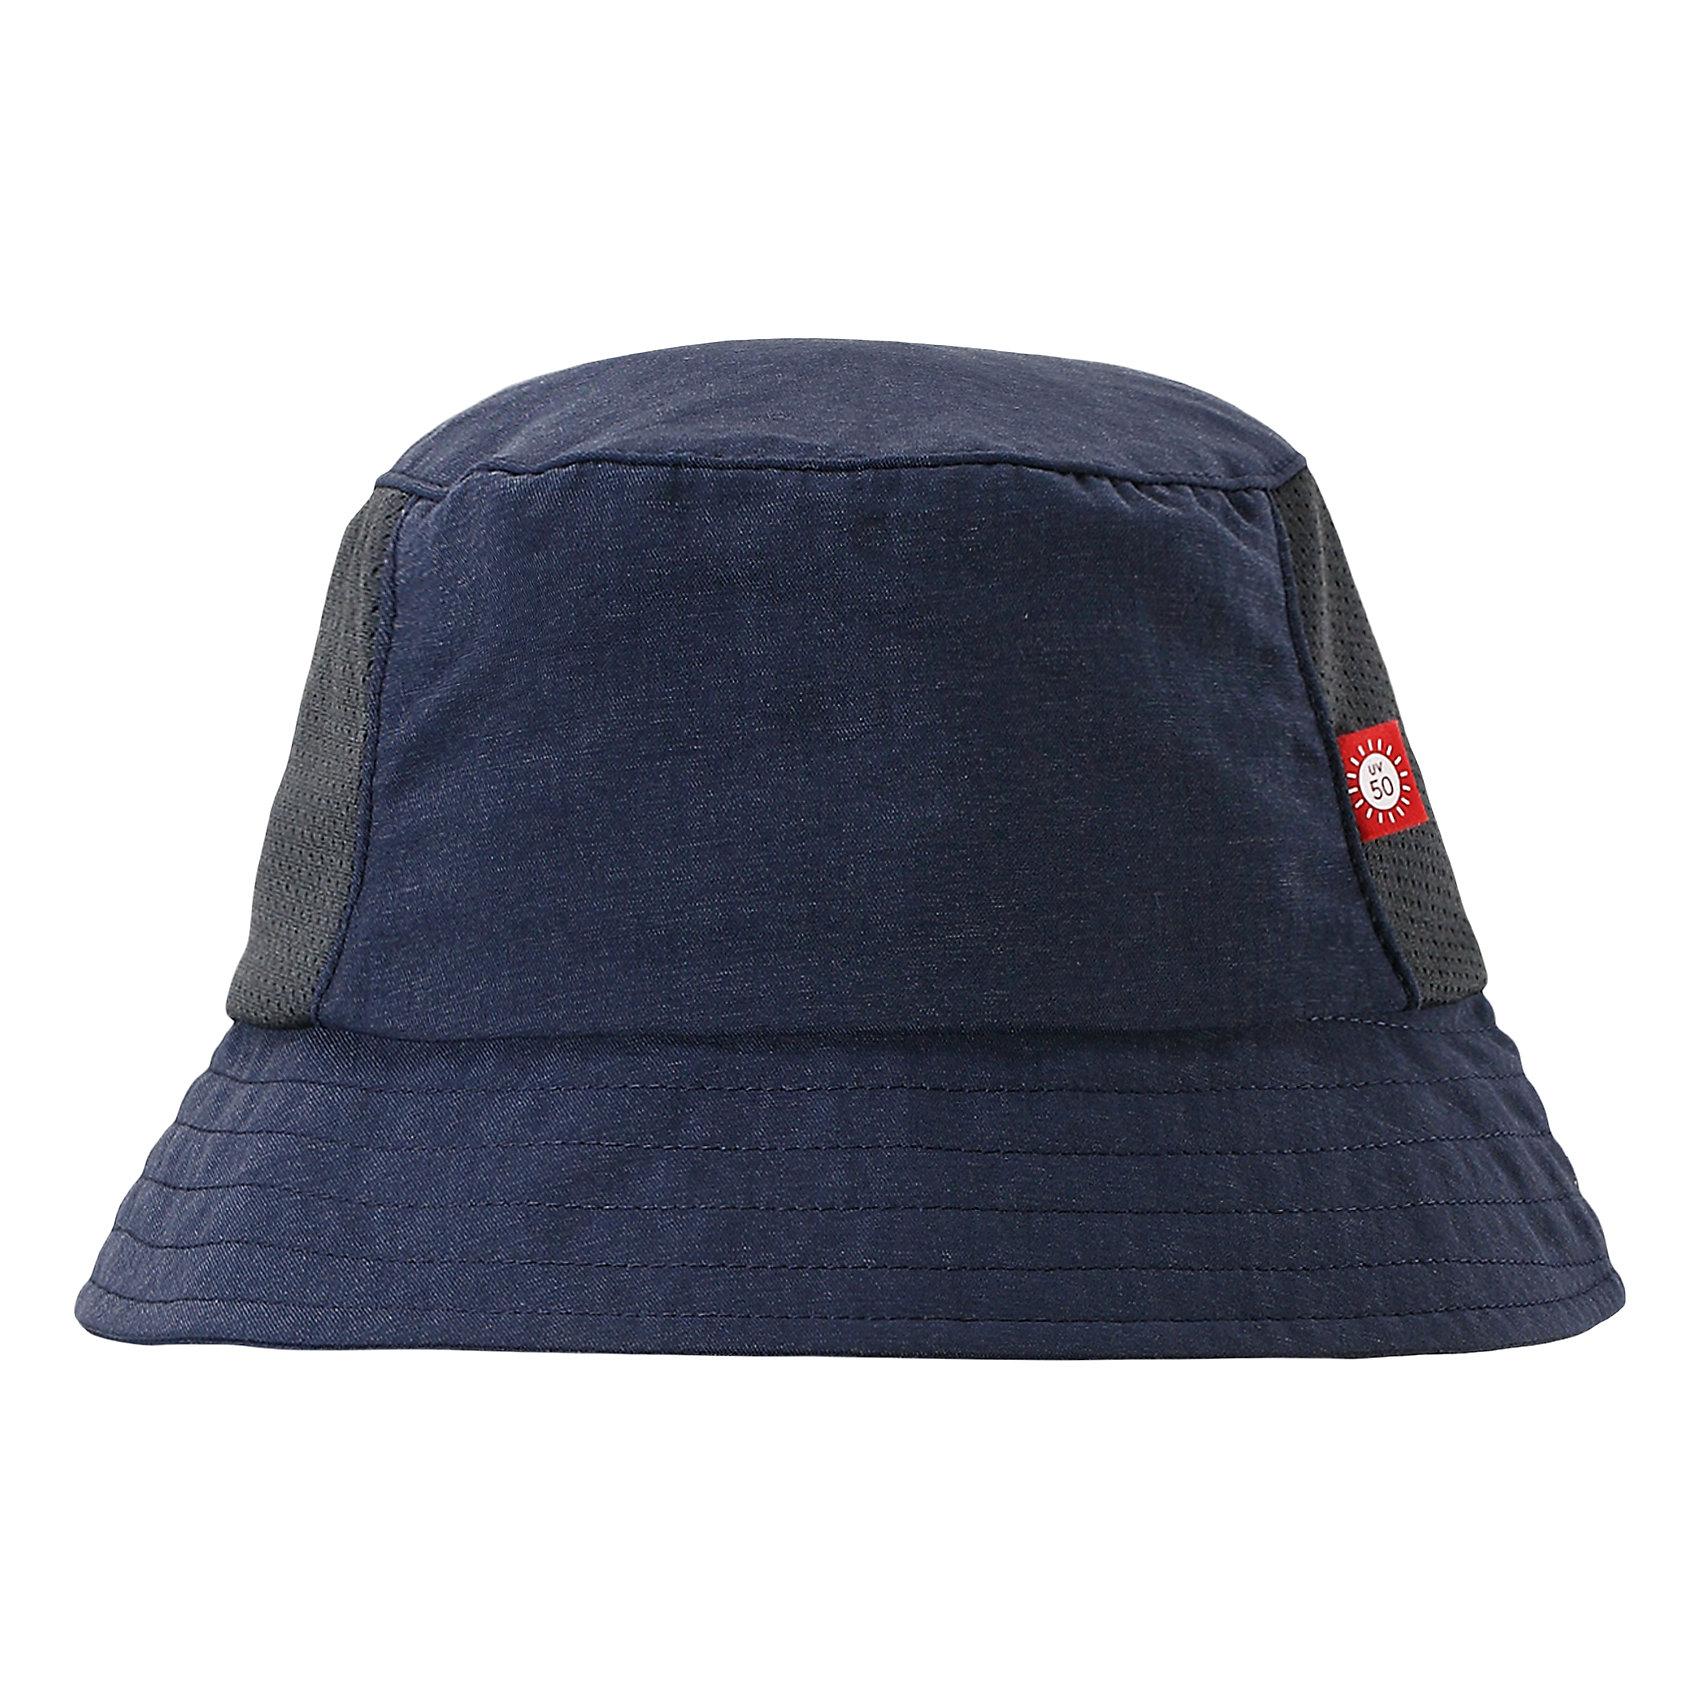 Панама Vimpa для мальчика ReimaШапки и шарфы<br>Характеристики товара:<br><br>• цвет: синий<br>• состав: 92% полиамид, 8% полиэстер<br>• фактор защиты от ультрафиолета: 50+<br>• дышащий материал с охлаждающим эффектом<br>• стильный защитный козырёк<br>• защищает от солнца<br>• облегчённая модель без подкладки<br>• эмблема Reima сбоку<br>• страна бренда: Финляндия<br>• страна производства: Китай<br><br>Детский головной убор может быть модным и удобным одновременно! Стильная панама поможет обеспечить ребенку комфорт и дополнить наряд. Панама удобно сидит и аккуратно выглядит. Проста в уходе, долго служит. Стильный дизайн разрабатывался специально для детей. Отличная защита от солнца!<br><br>Уход:<br><br>• стирать с бельем одинакового цвета<br>• стирать моющим средством, не содержащим отбеливающие вещества<br>• полоскать без специального средства<br>• во избежание изменения цвета изделие необходимо вынуть из стиральной машинки незамедлительно после окончания программы стирки<br>• сушить при низкой температуре.<br><br>Панаму для мальчика от финского бренда Reima (Рейма) можно купить в нашем интернет-магазине.<br><br>Ширина мм: 89<br>Глубина мм: 117<br>Высота мм: 44<br>Вес г: 155<br>Цвет: синий<br>Возраст от месяцев: 9<br>Возраст до месяцев: 18<br>Пол: Мужской<br>Возраст: Детский<br>Размер: 56,54,48,50,52<br>SKU: 5267736